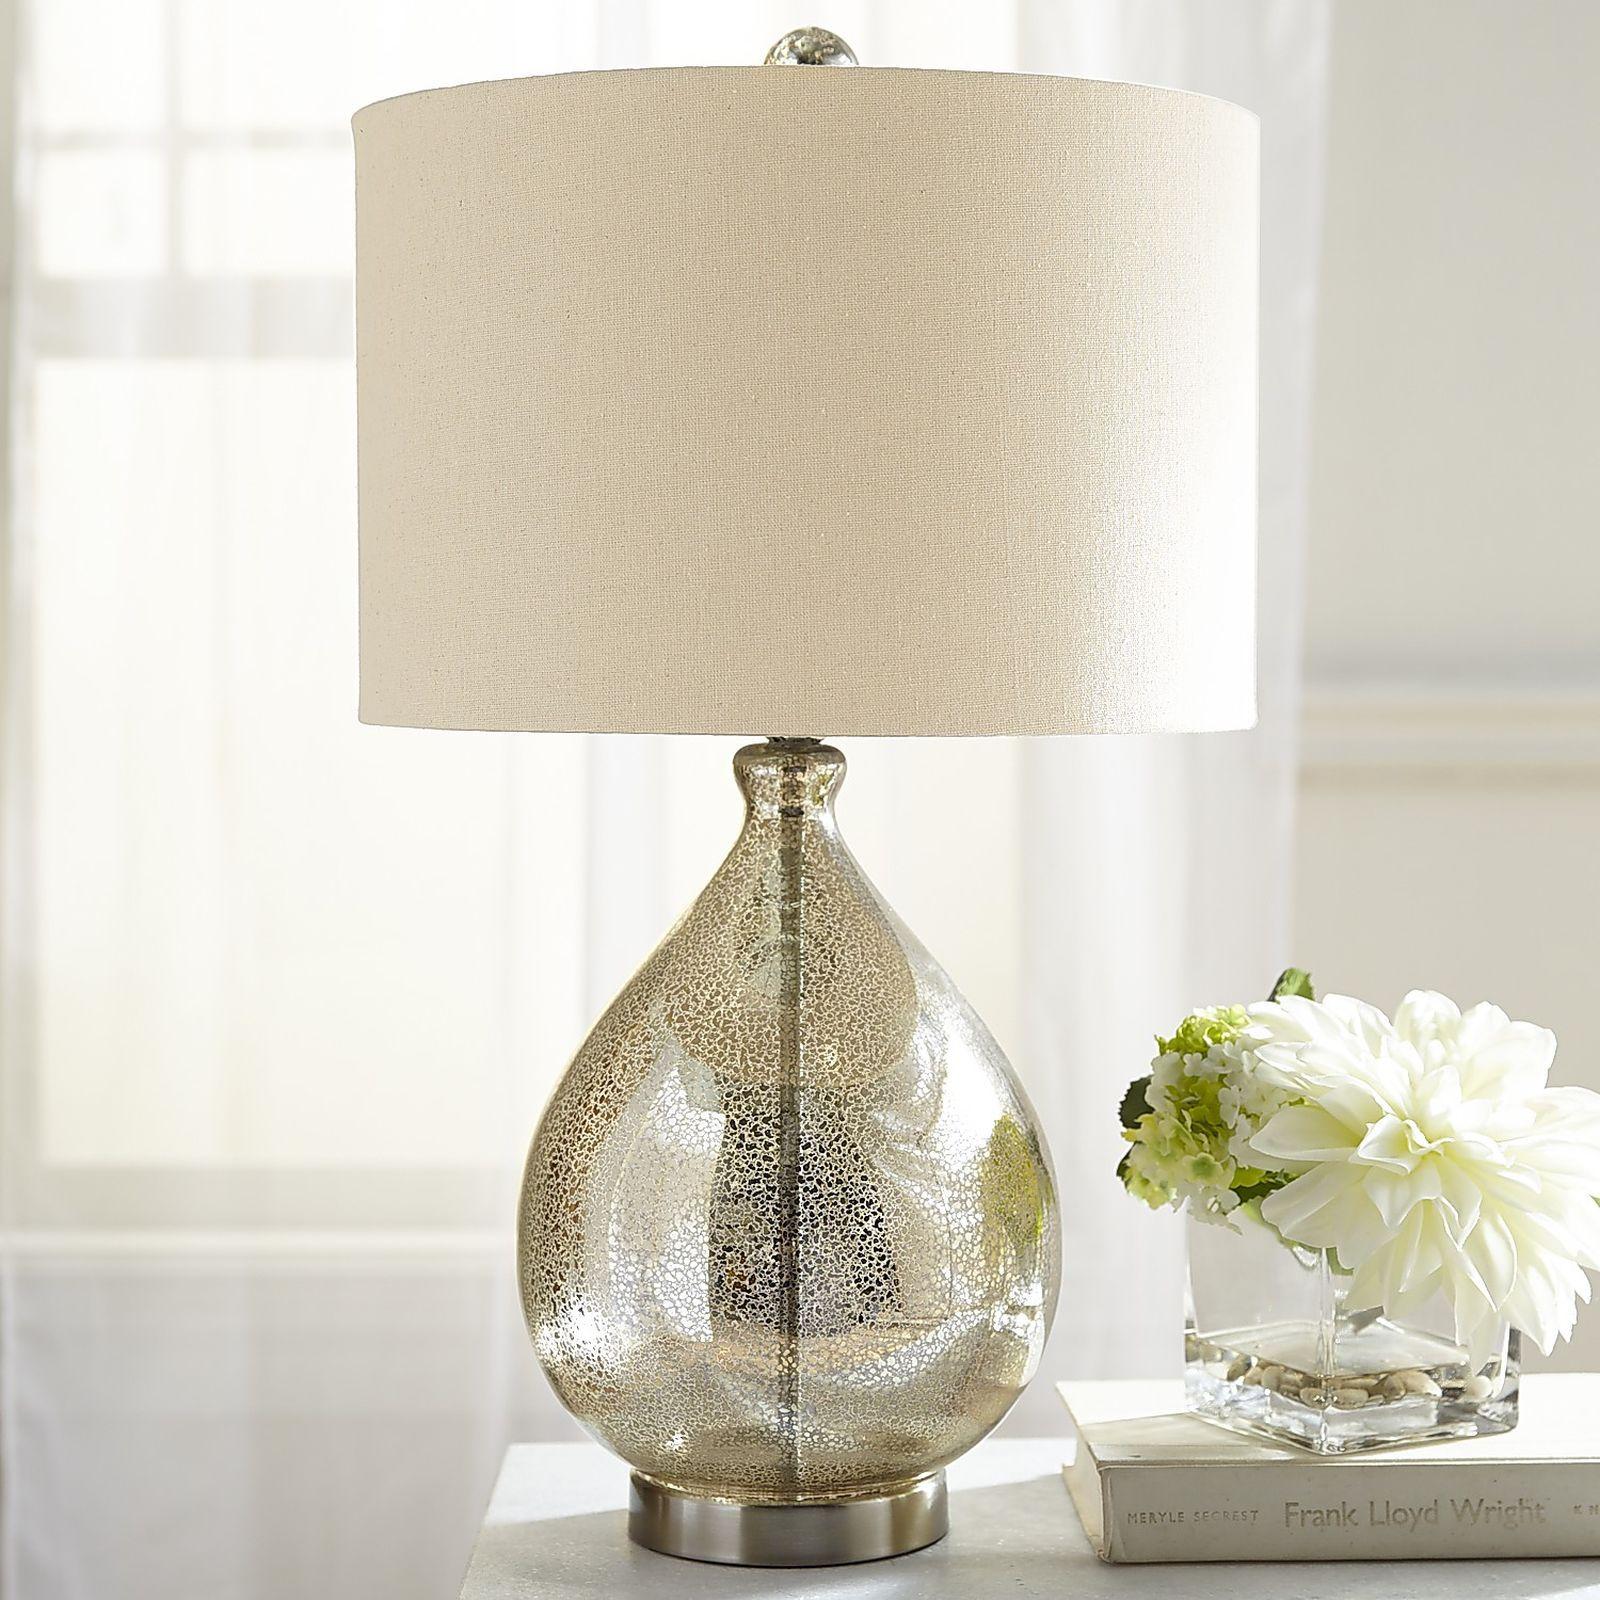 elk light mercury fixtures oil jerard pendant lighting rubbed glass bronze and in